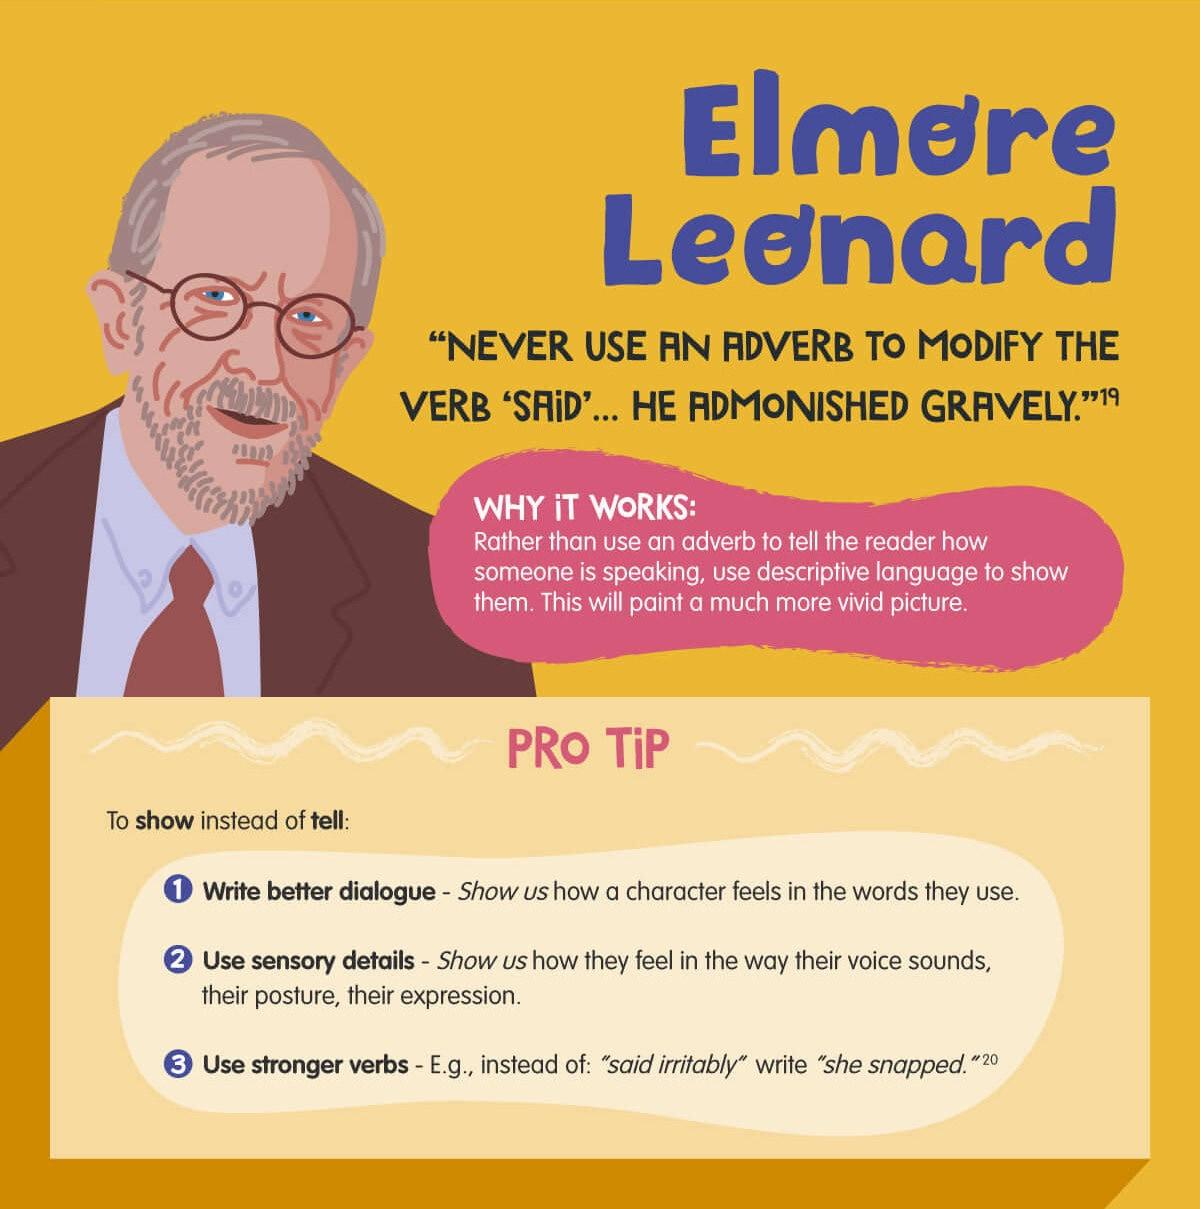 Elmore Leonard writing tips